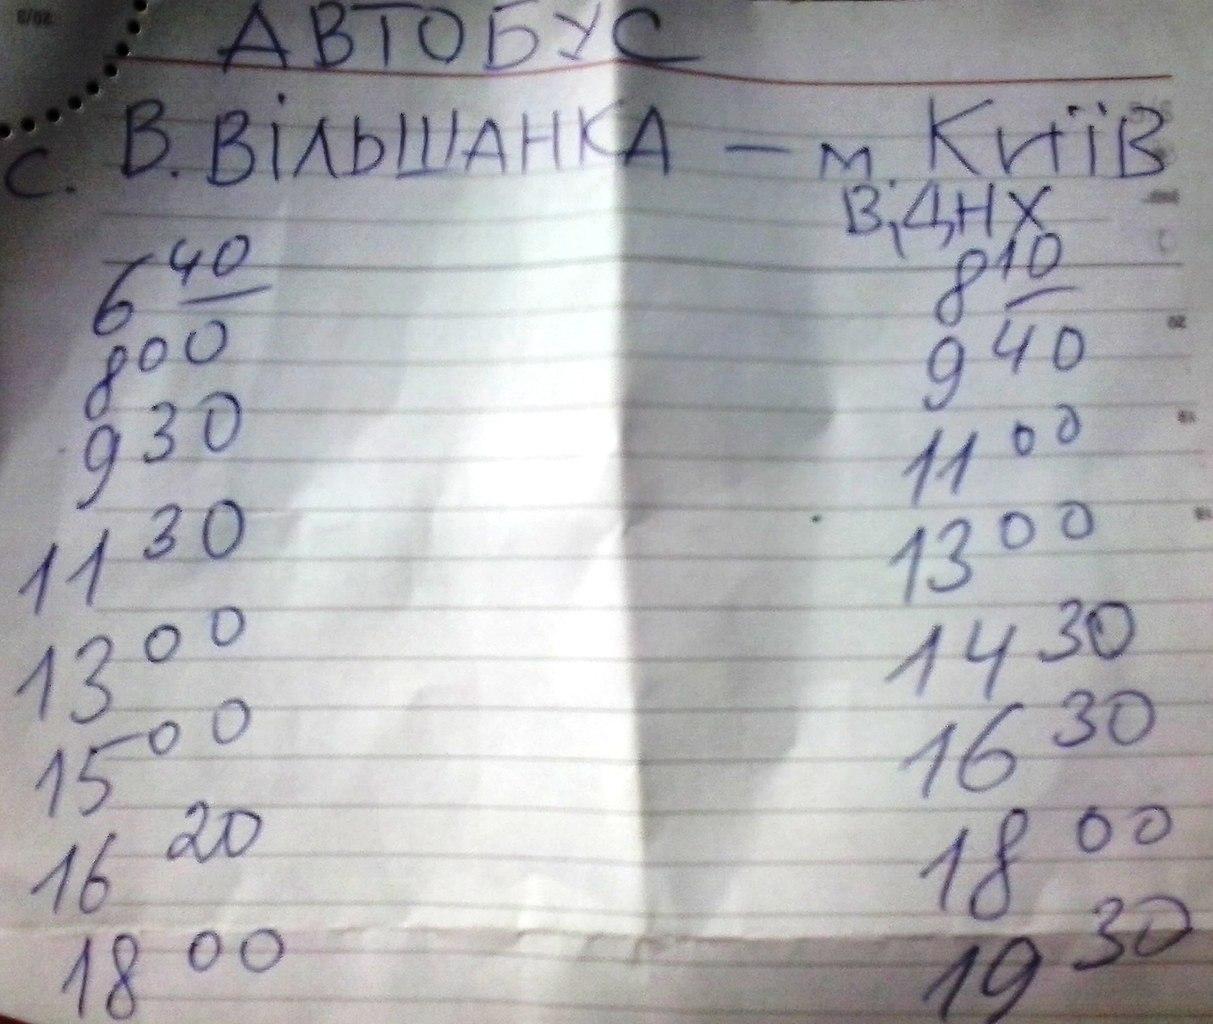 расписание маршр КиевВДНХ-Велика Вільшанка